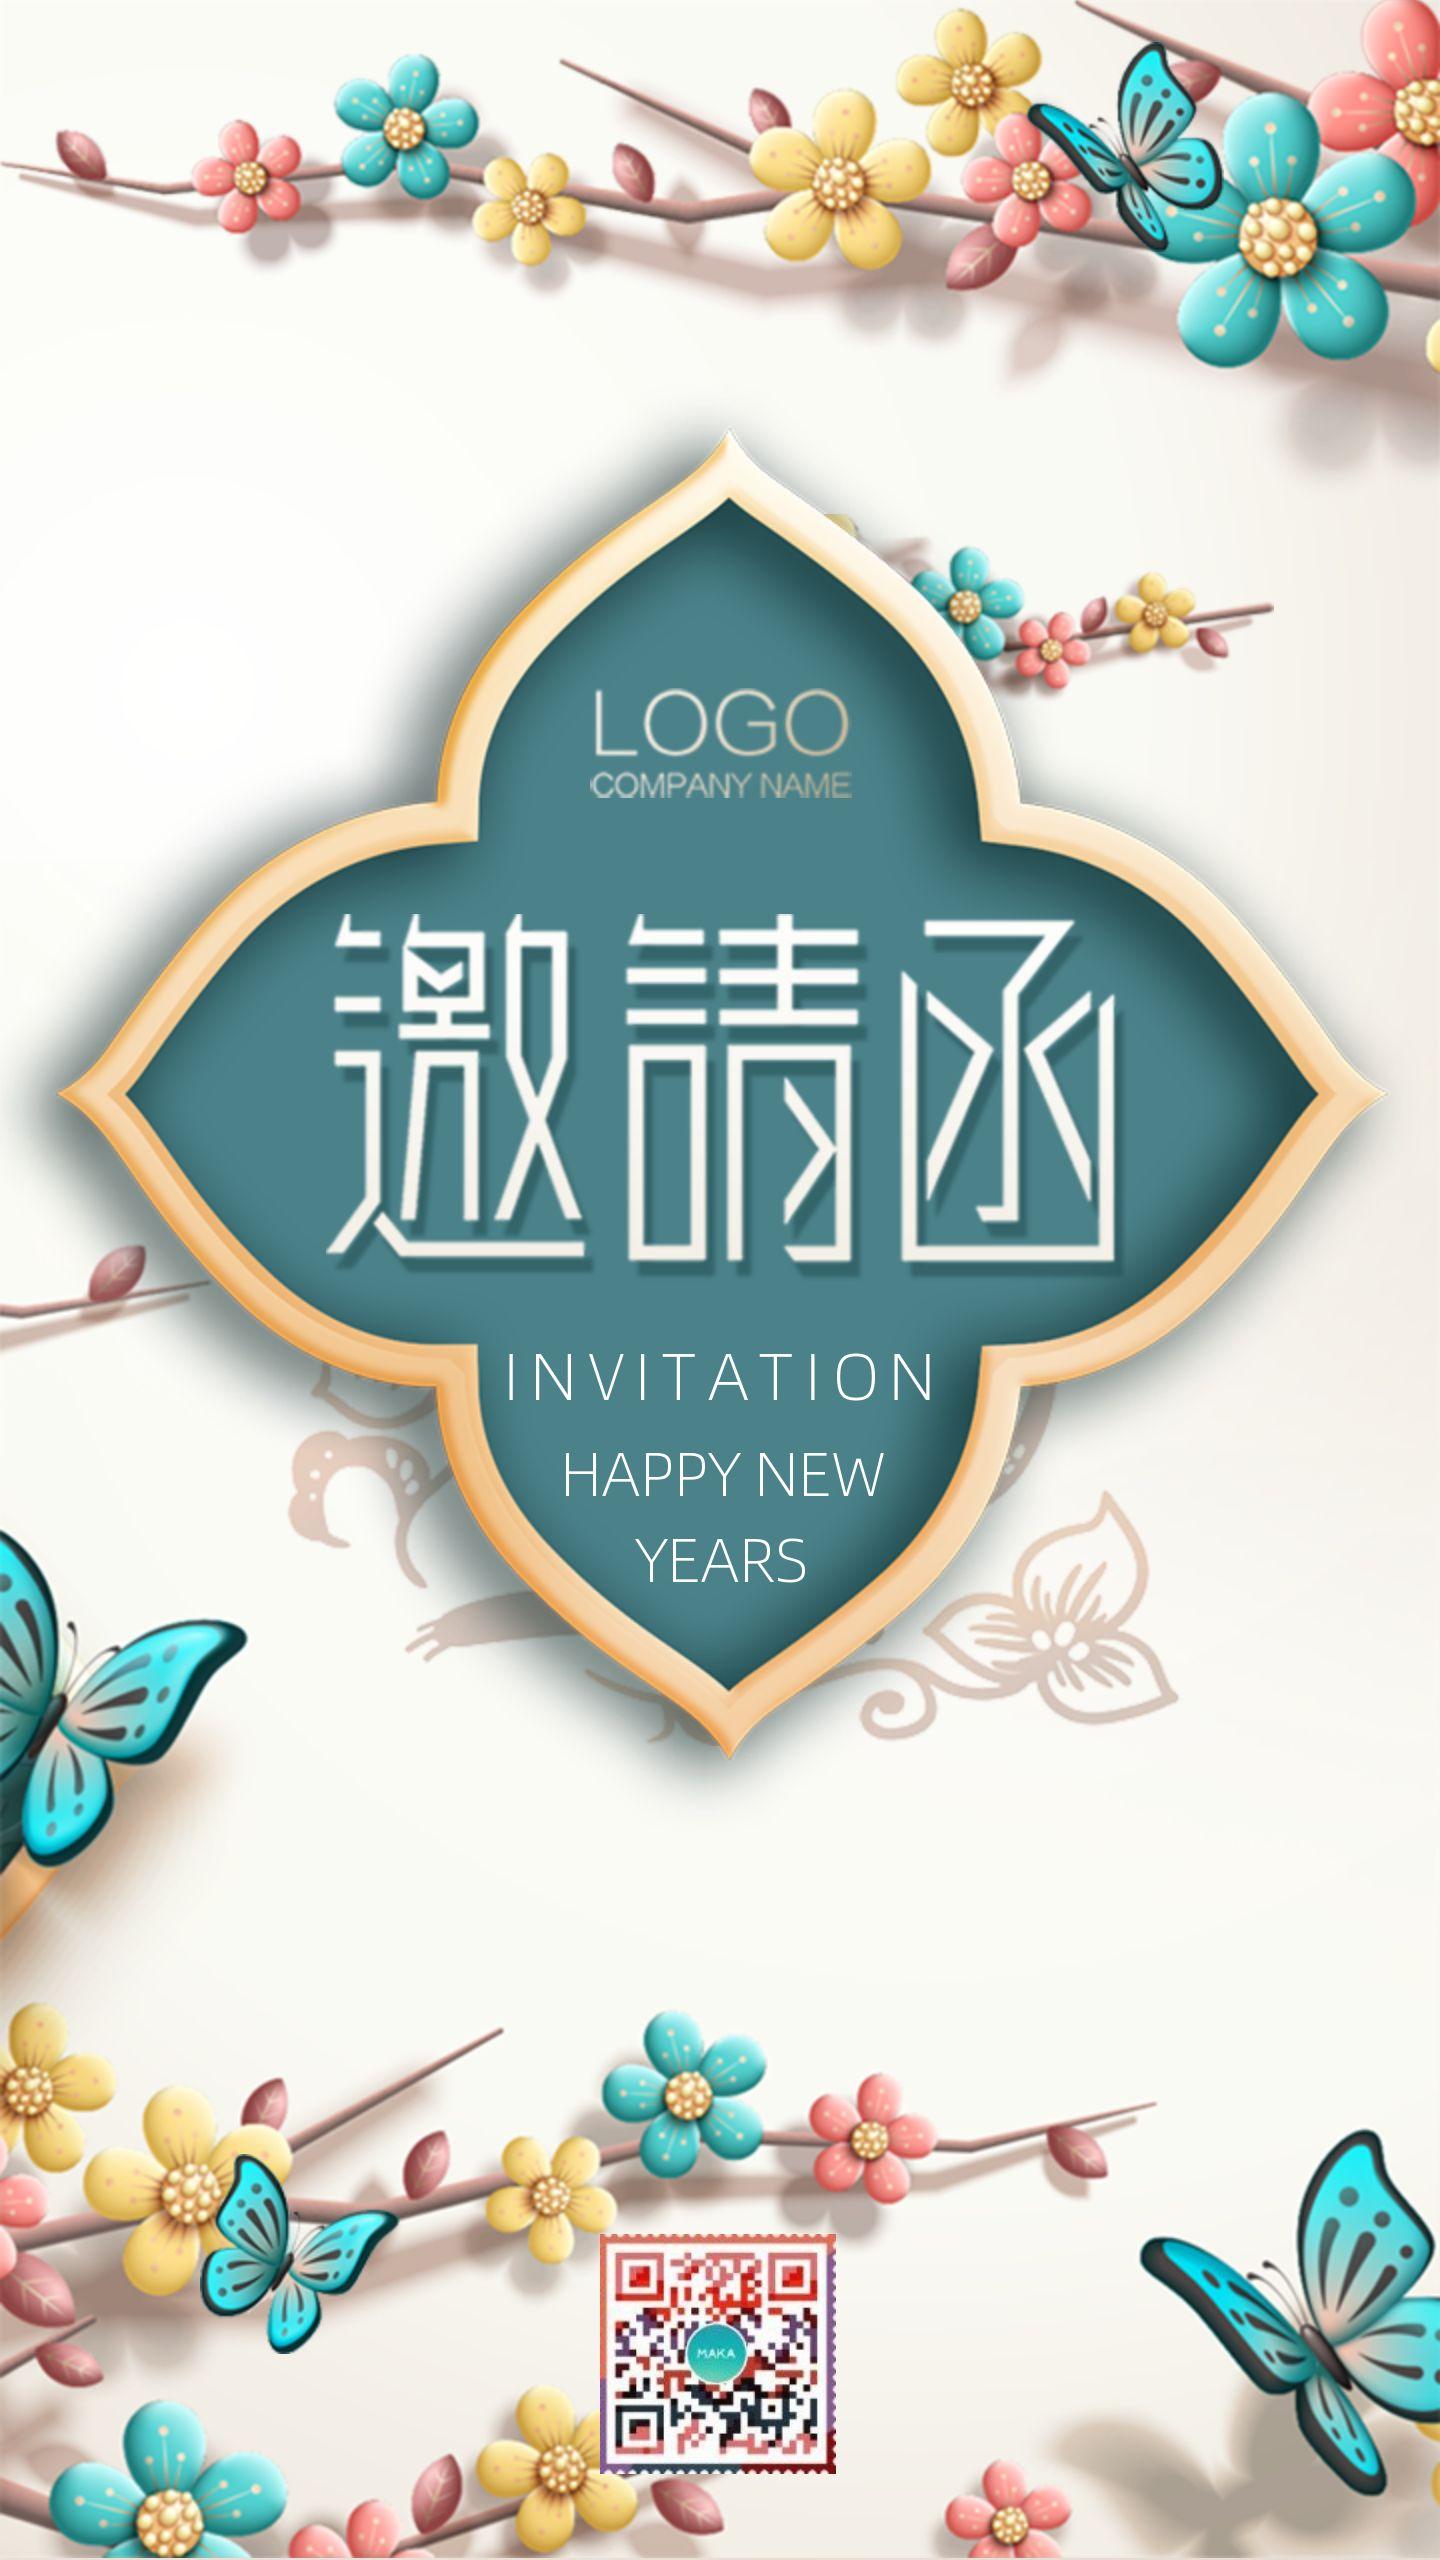 小清新企业新年快乐活动邀请年终会议年终盛典邀请函海报